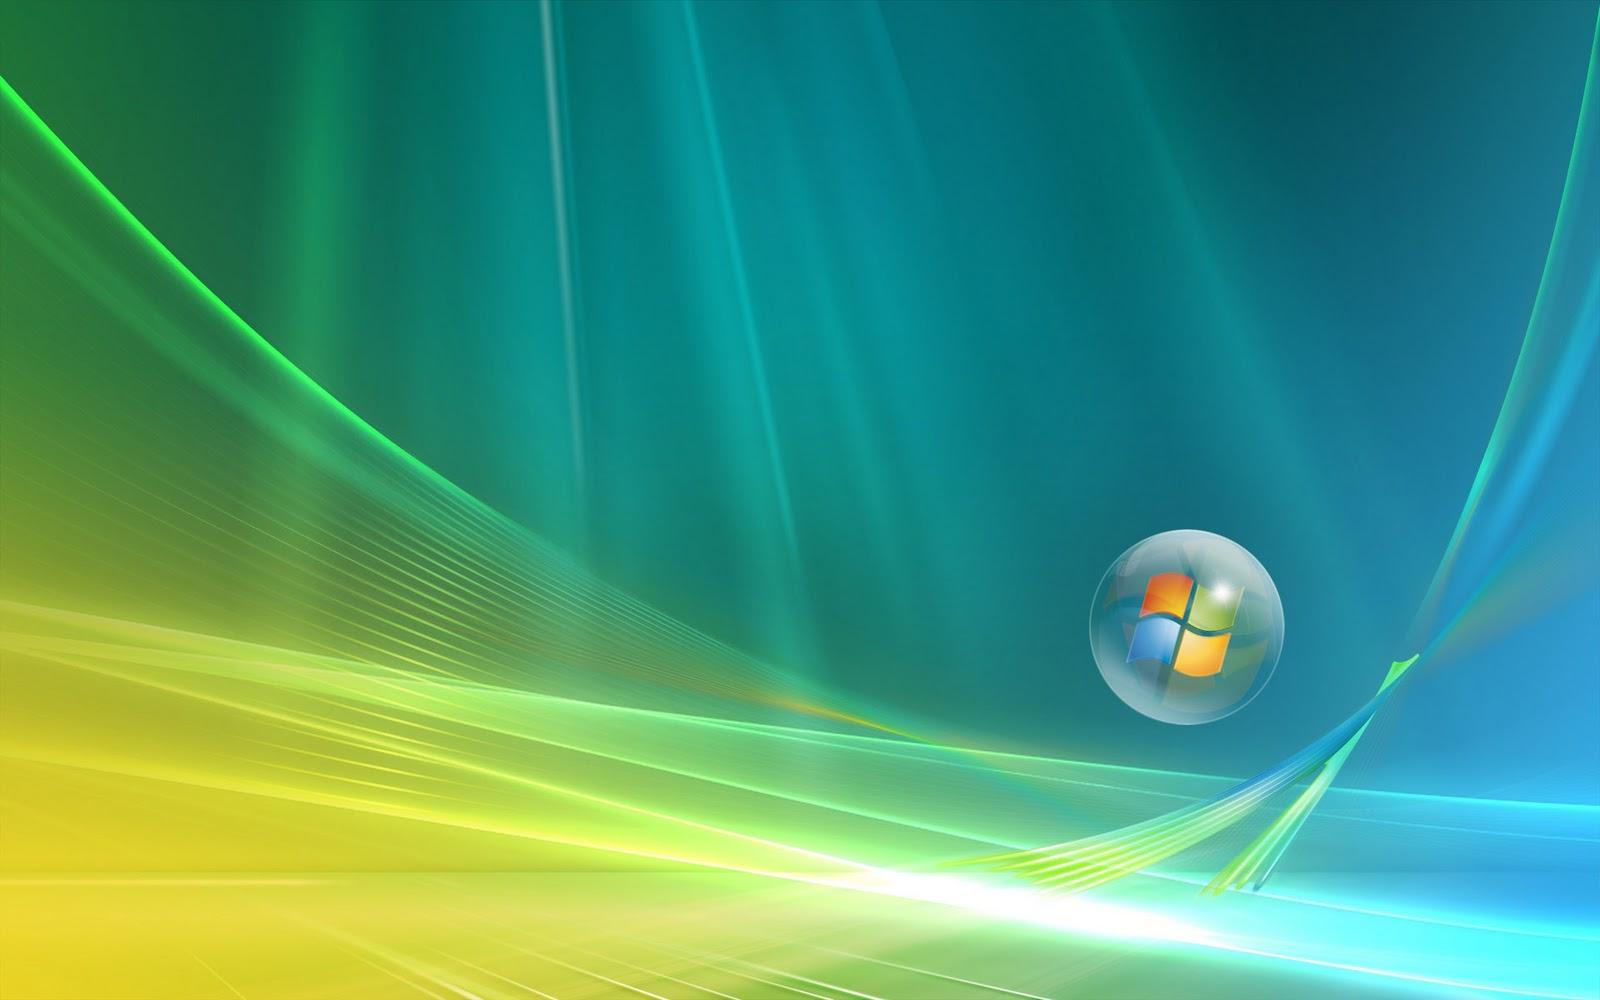 http://1.bp.blogspot.com/-fVcOy07Xmb0/TWaACaHaGJI/AAAAAAAAAn8/iEK9ZZFIcmQ/s1600/Vista+Wallpaper+%252885%2529.jpg